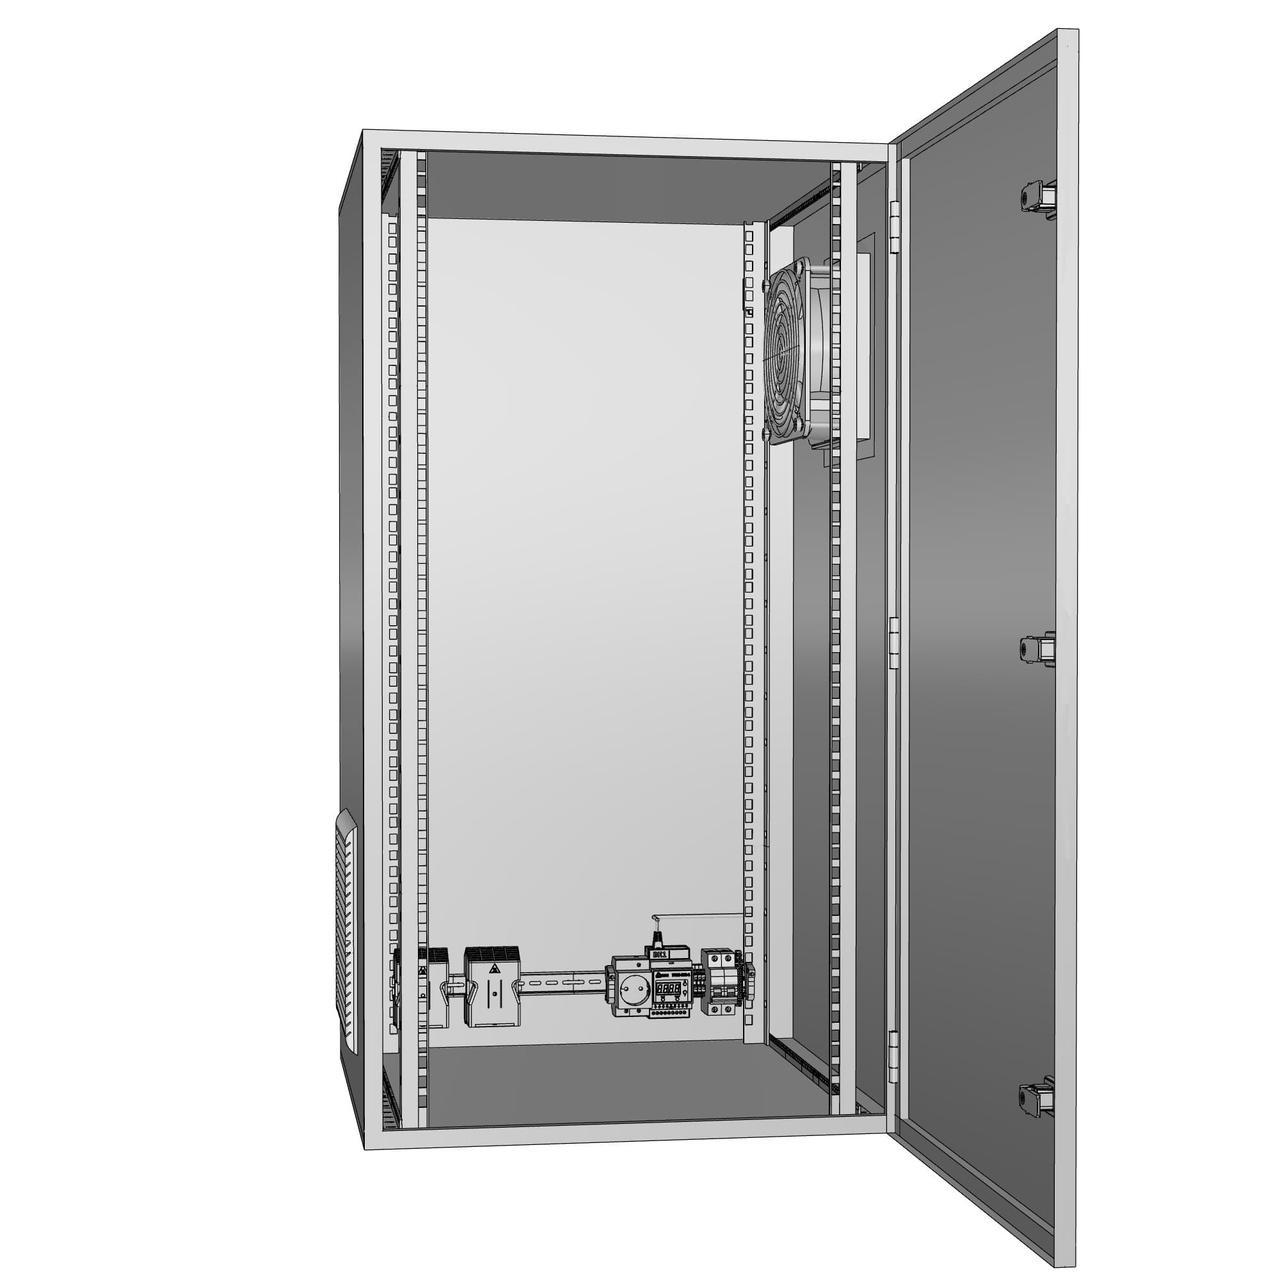 Шкаф климатический утеплённый с обогревом и вентиляцией ЩКу- ОВ- 4 - 700×500×250 (В×Ш×Г) IP65